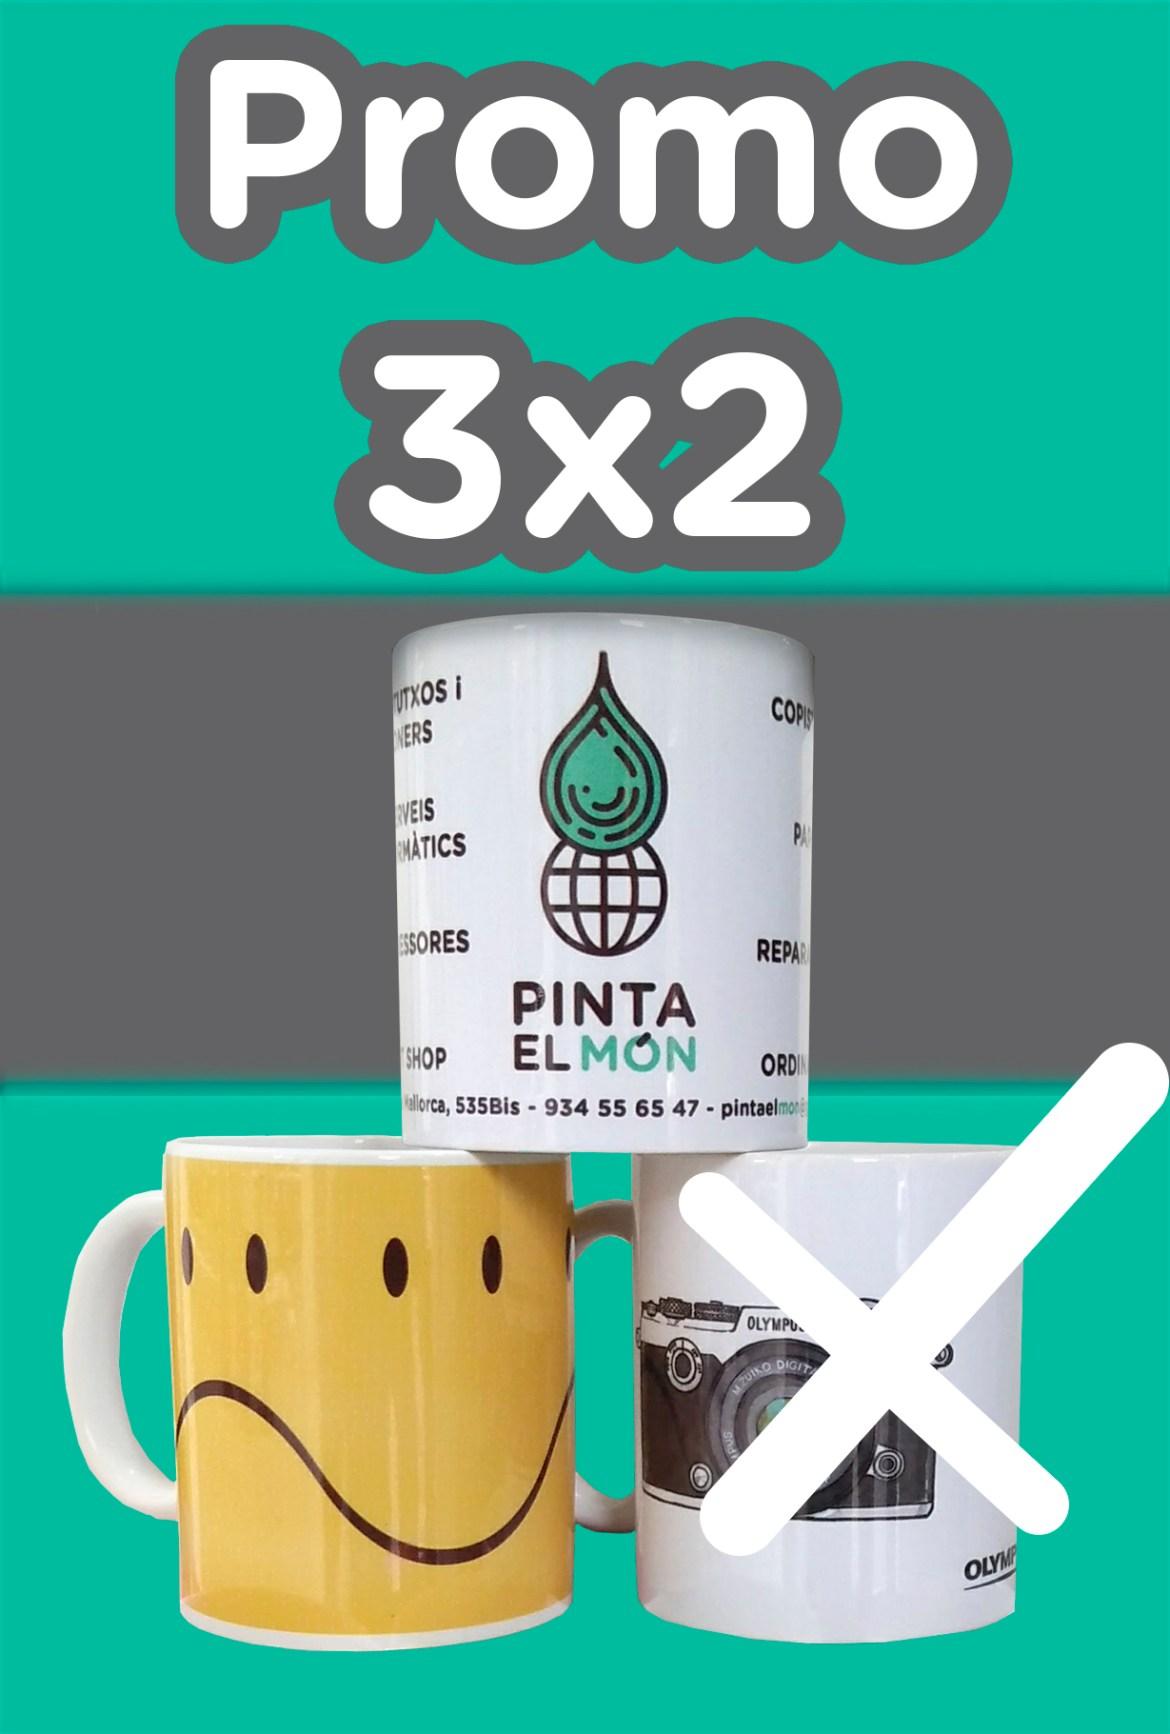 promo 3x2 tazas